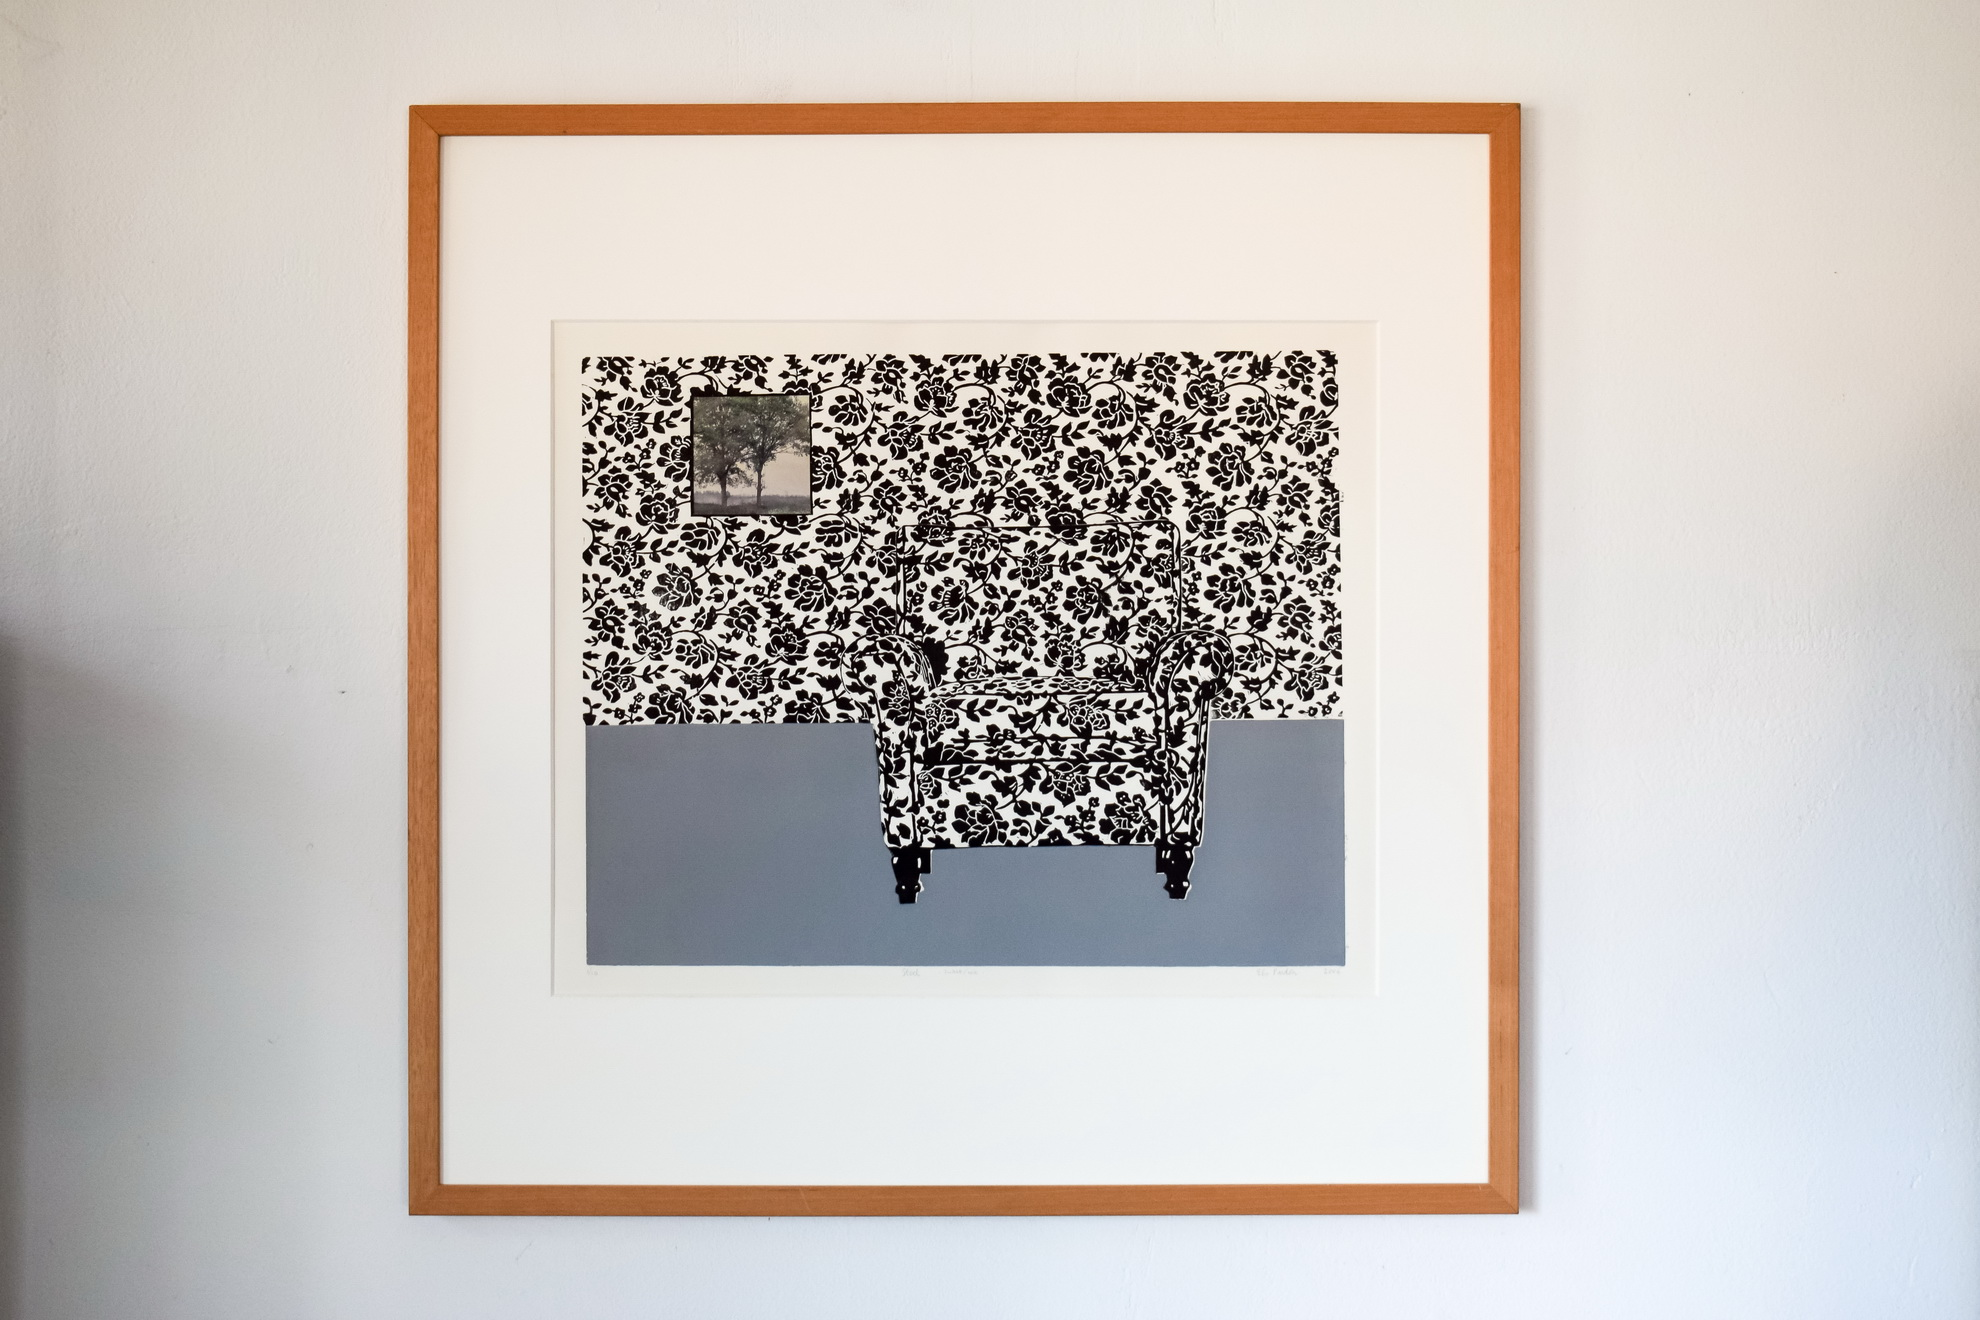 stoel(grijs met bomen)-elspardon-50x40-2006